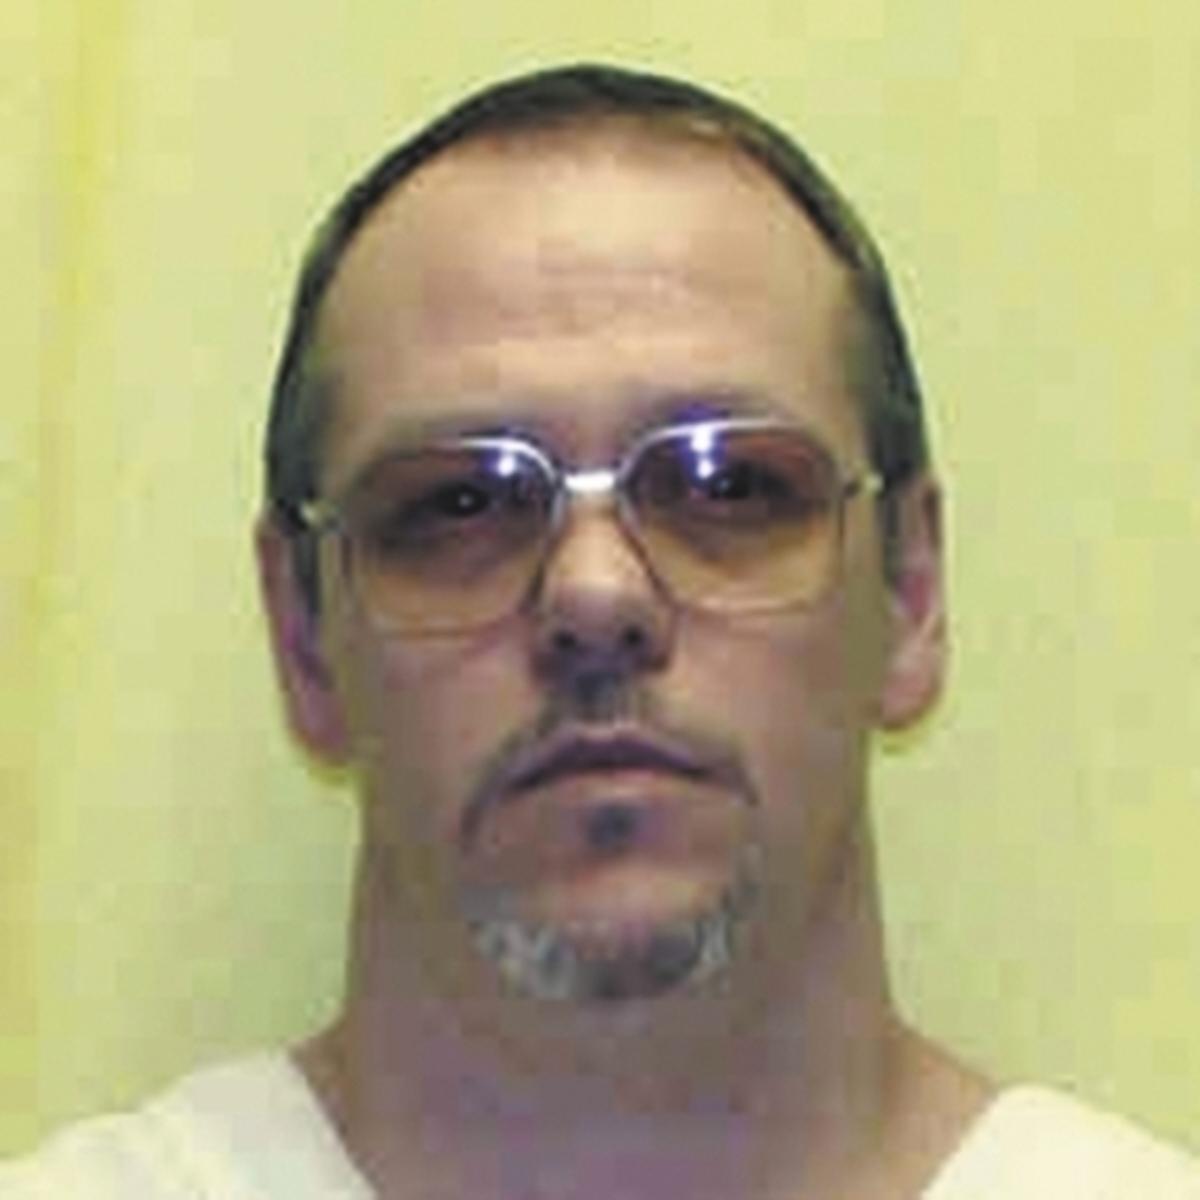 Οχάιο: Εκτελέστηκε 47χρονος που είχε σκοτώσει δύο άνδρες το 1989 | Newsit.gr